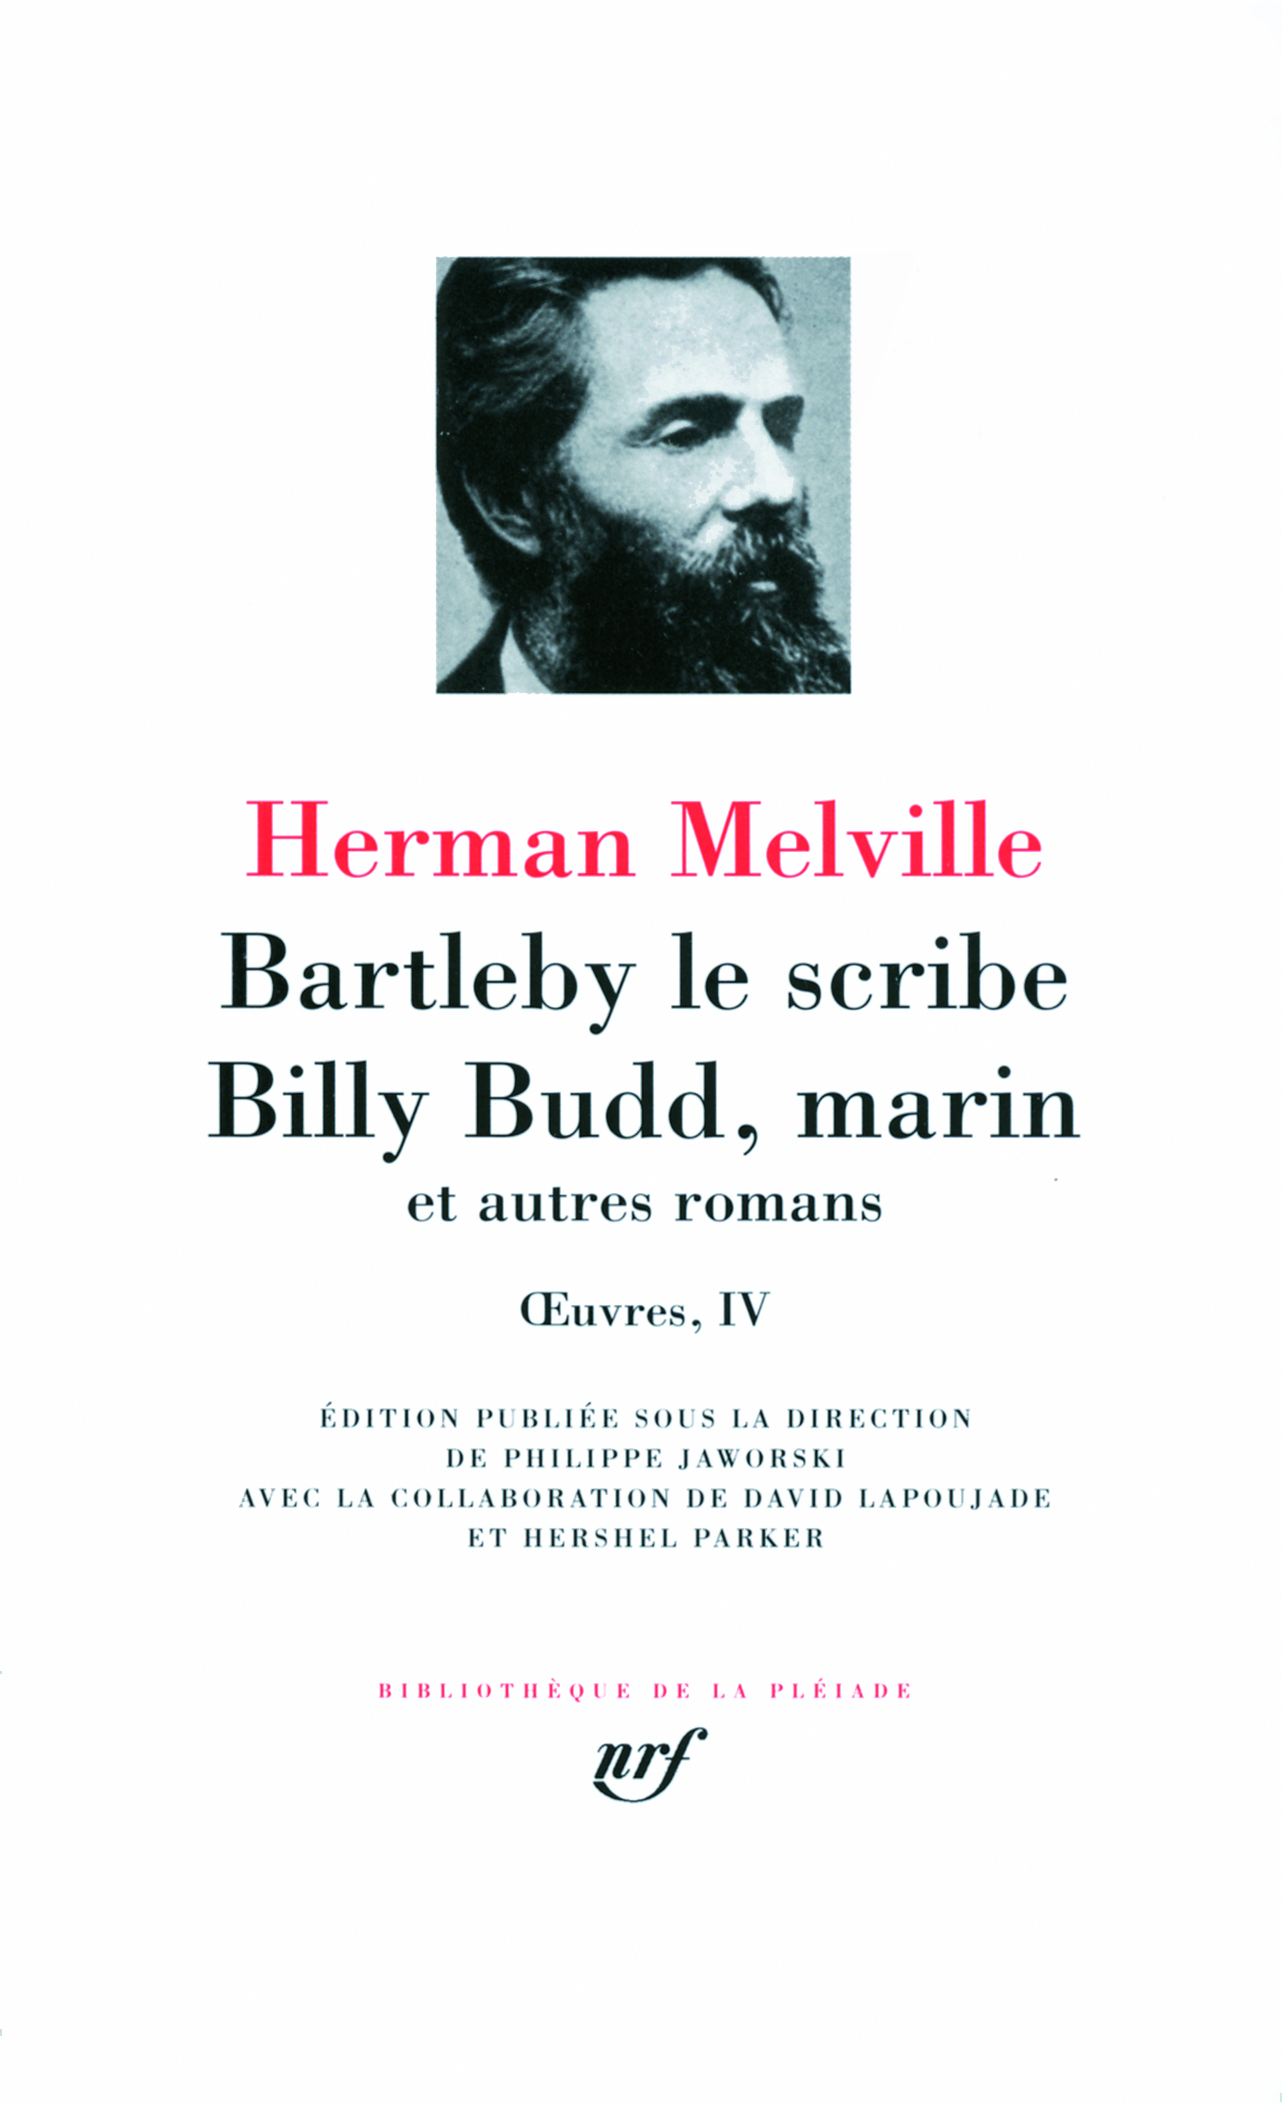 BARTLEBY LE SCRIBE, BILLY BUDD MARIN ET AUTRES ROMANS